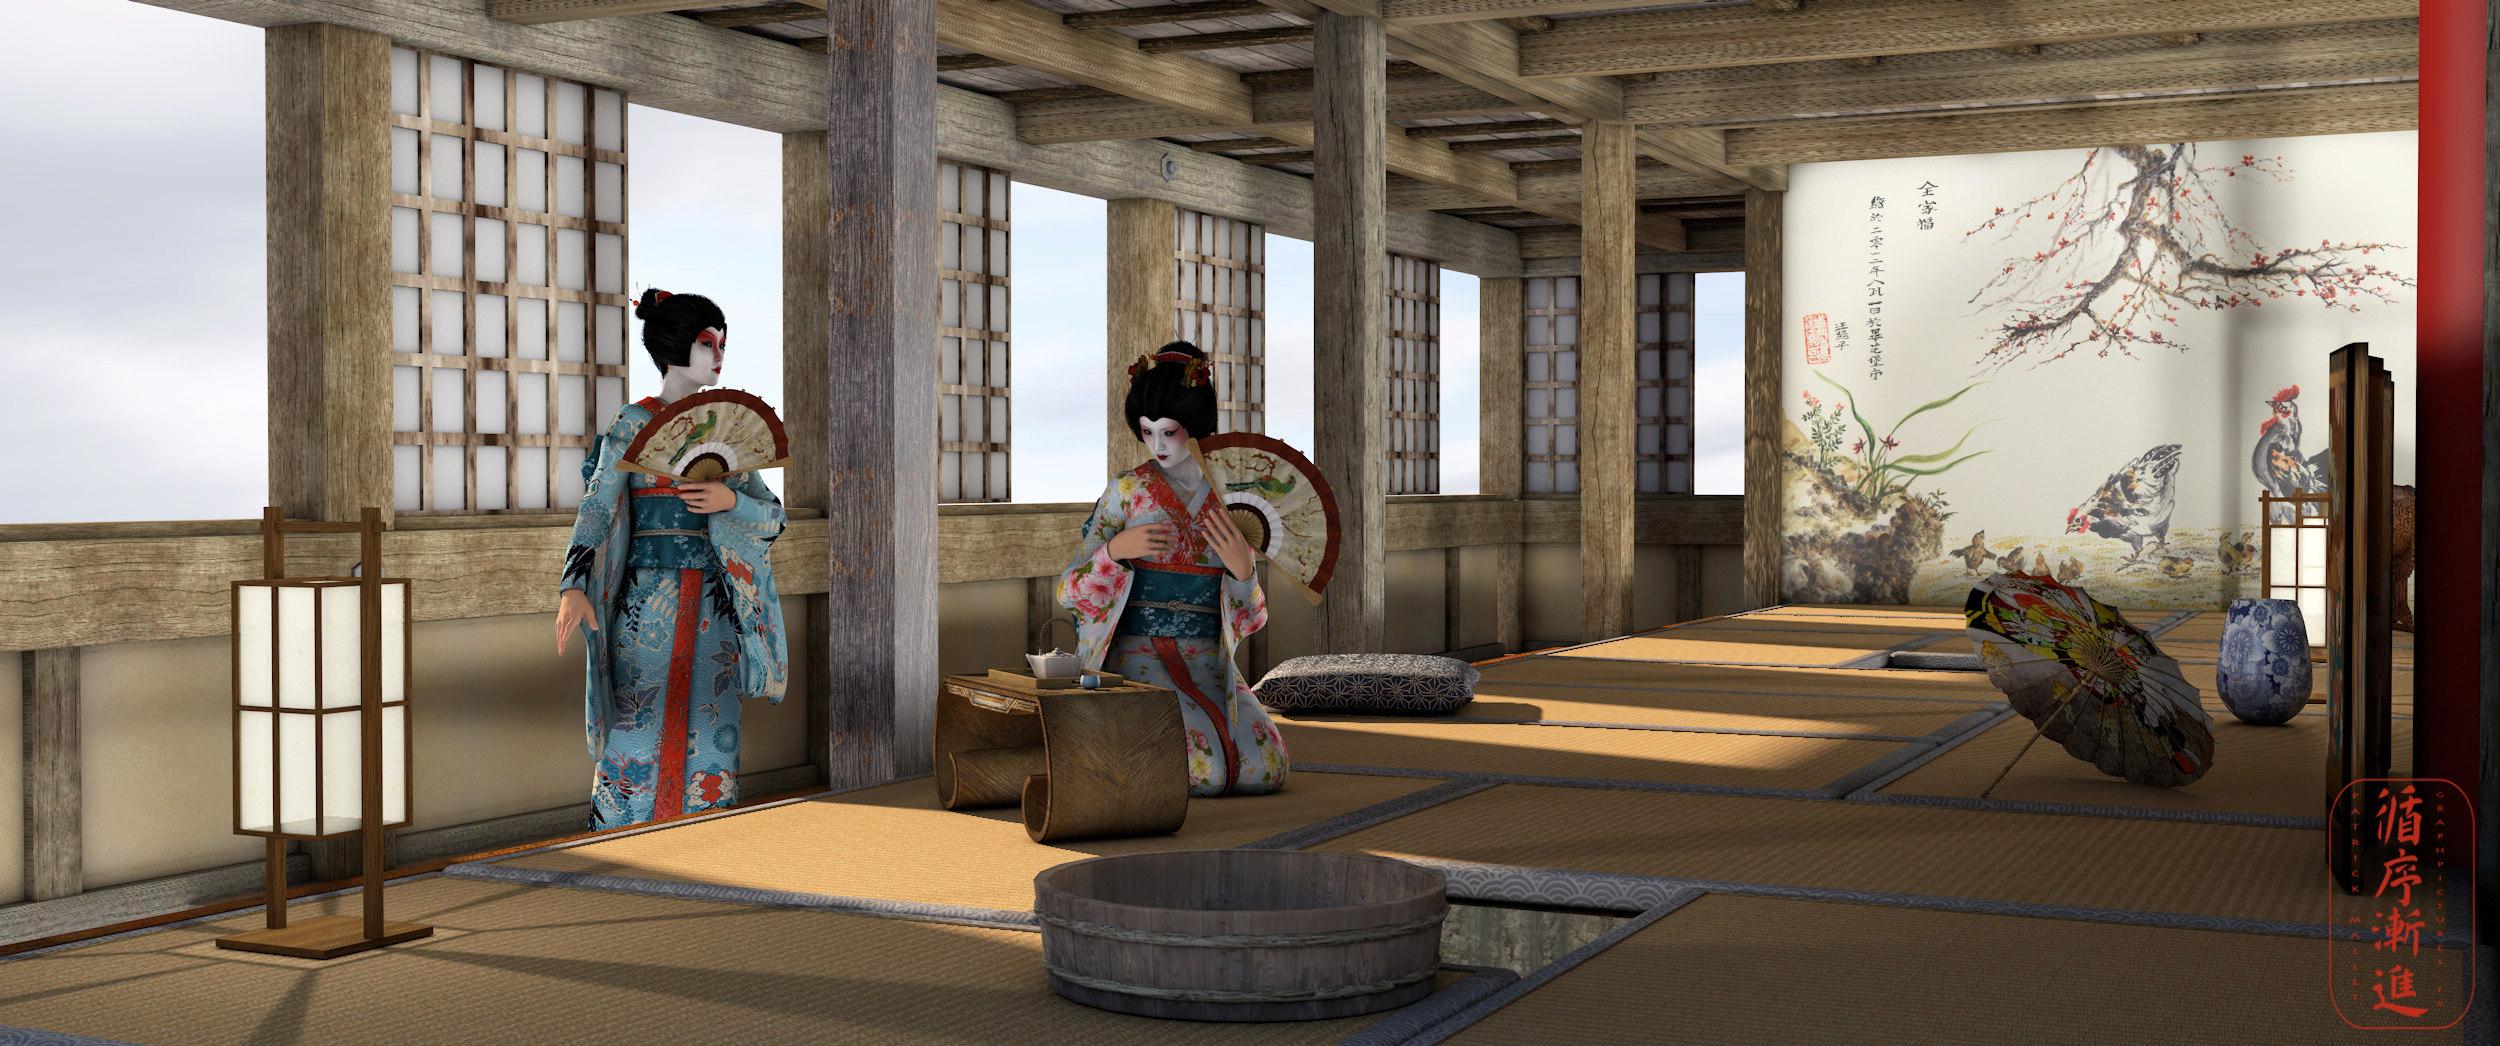 ma vision du  japon - Page 2 Porte_12